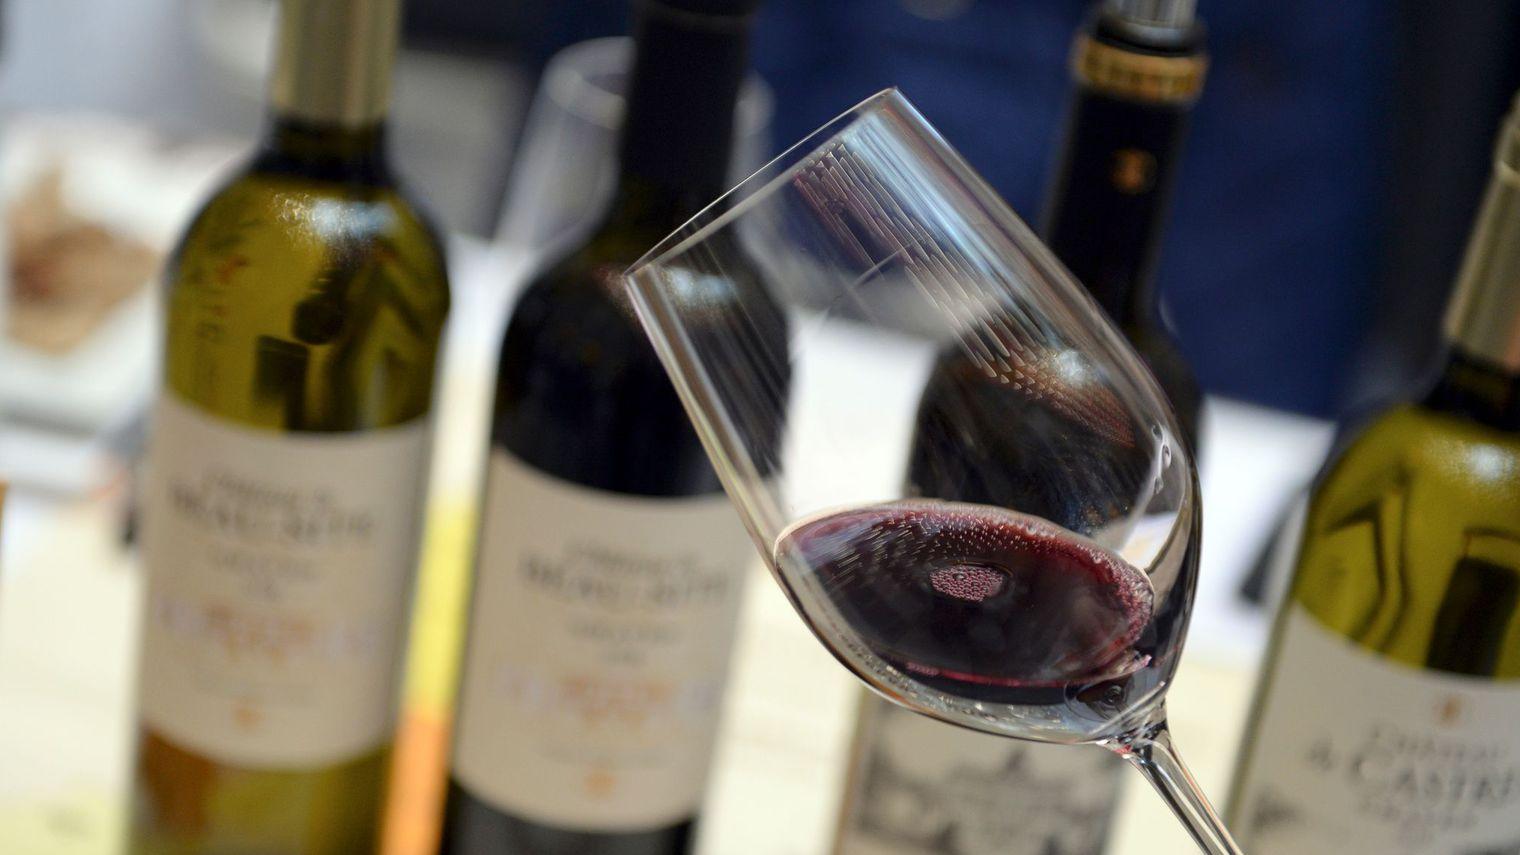 Parce que j'aime tellement le vin : vinprimeur.net